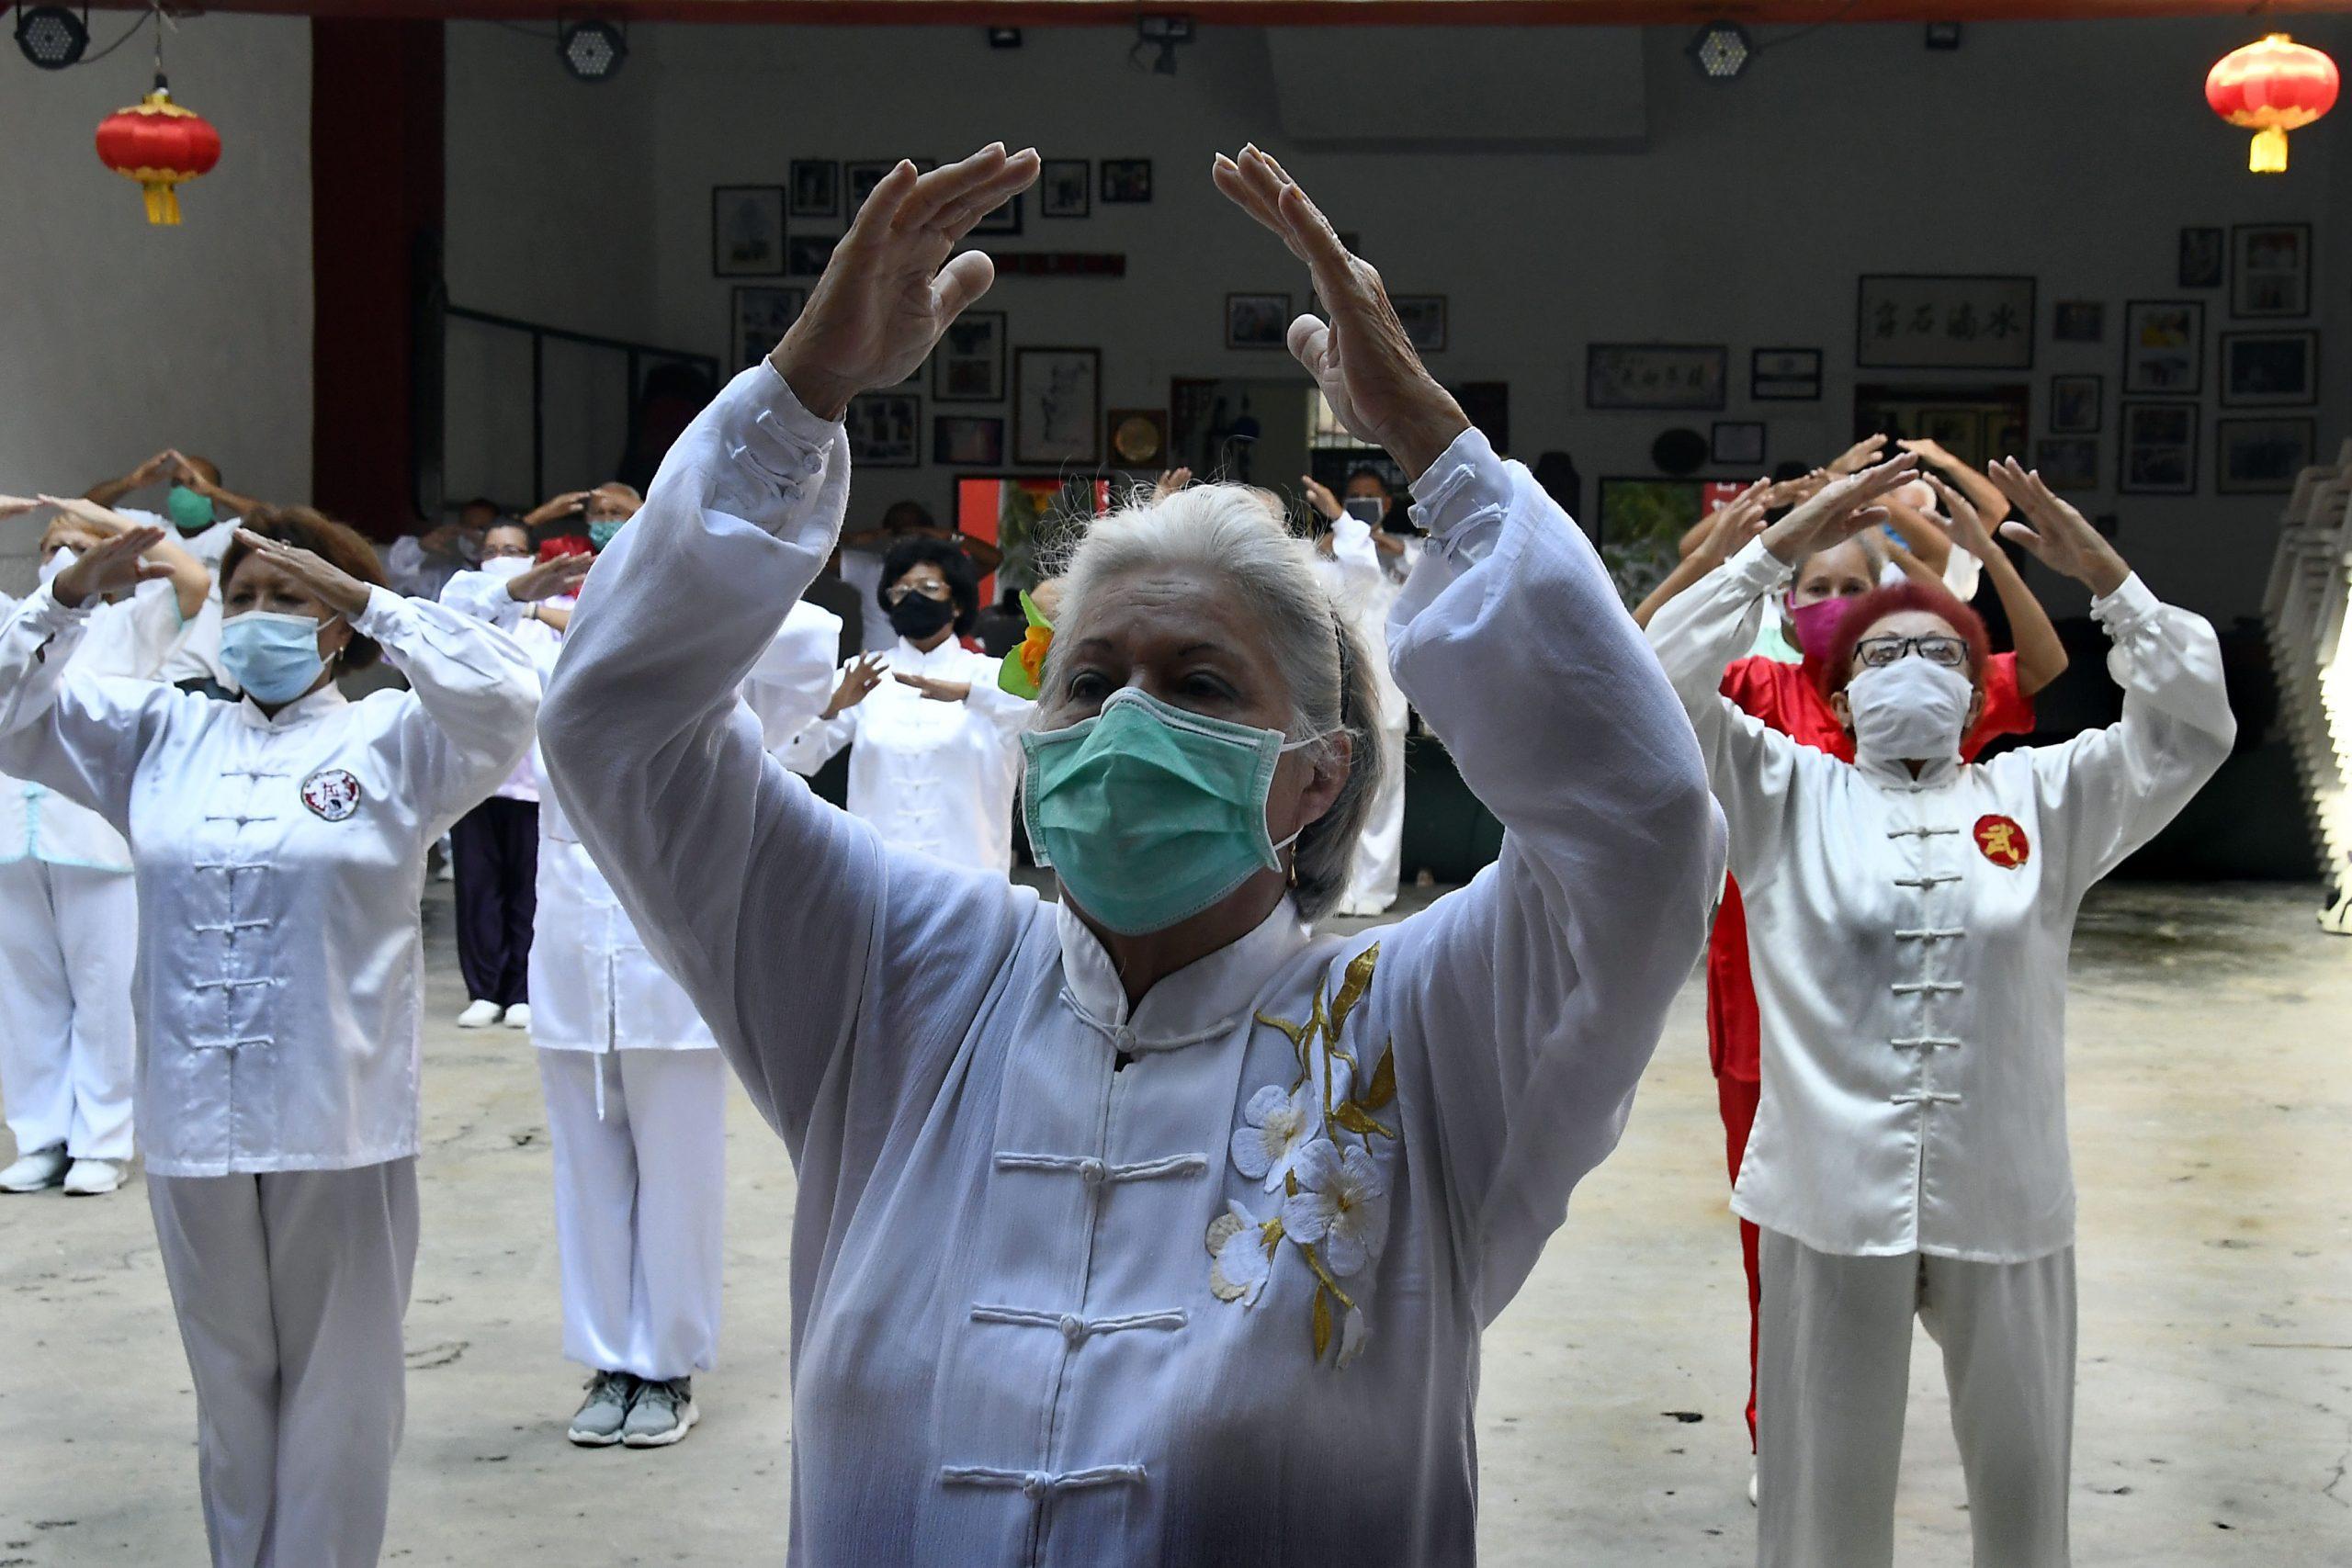 El Wushu regresa al Barrio Chino de La Habana